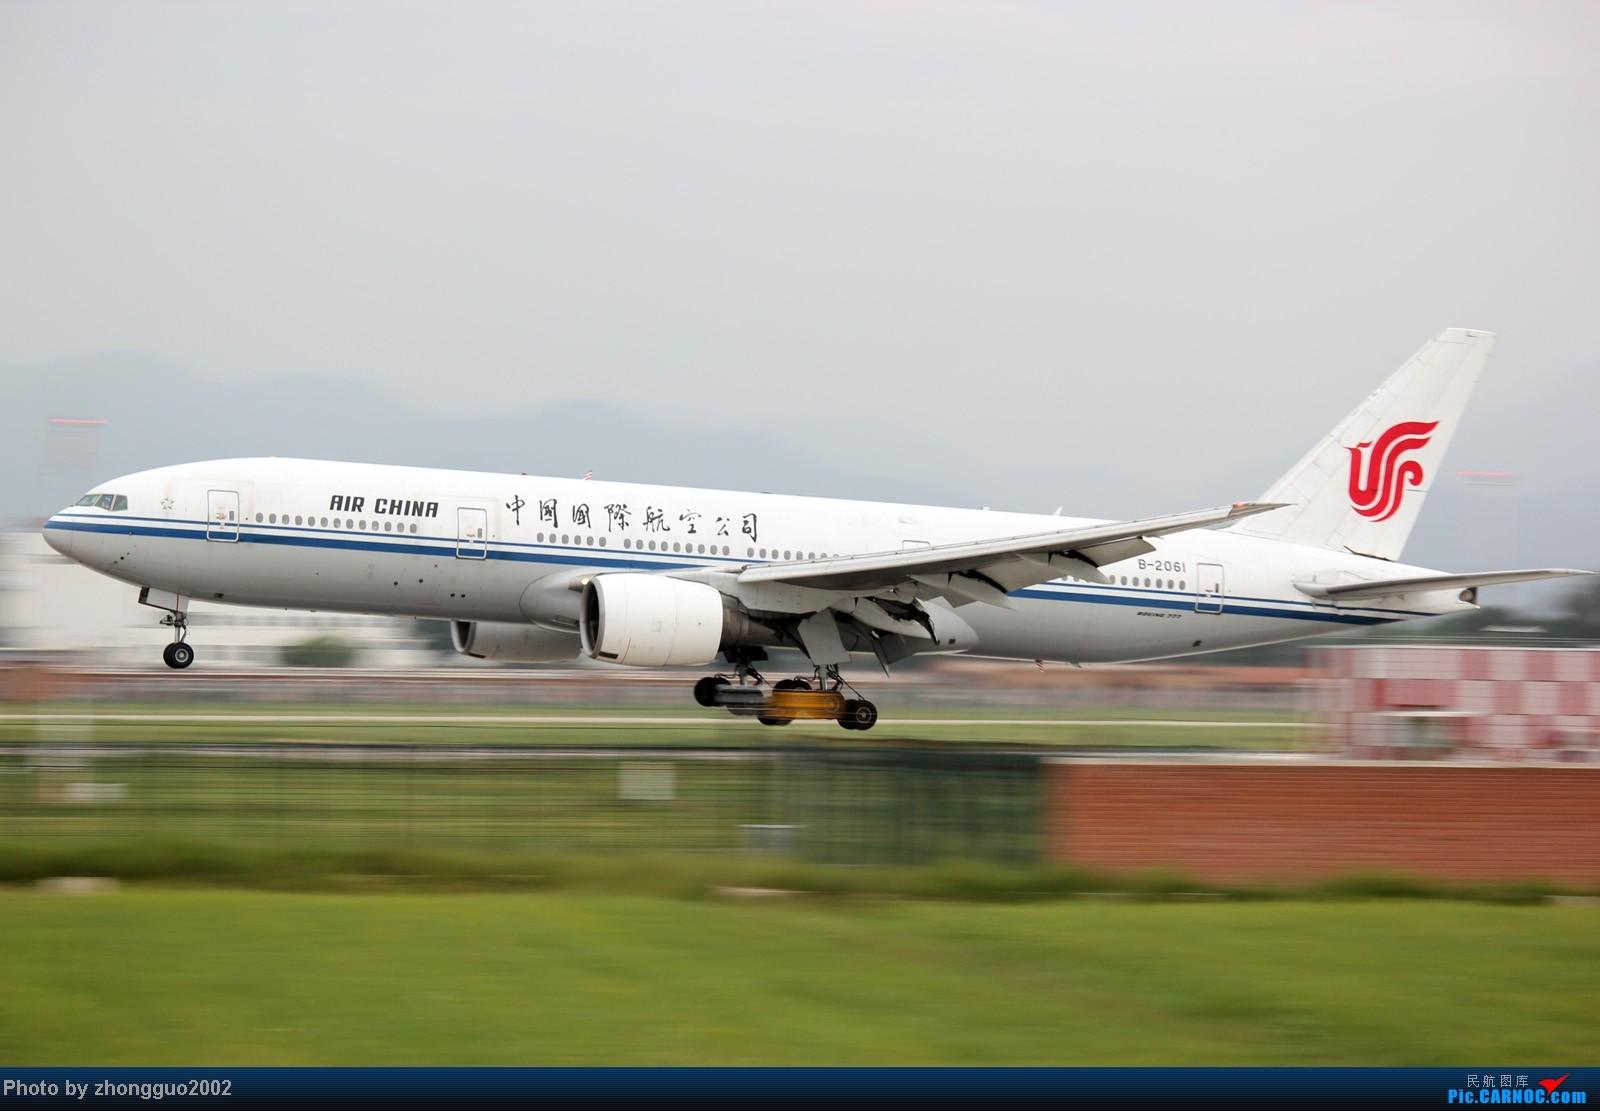 Re:[原创]东航的新邮戳321,世博彩绘机,南航、瑞丽、河北、深圳航空的新飞机,香港航空、长荣航空、远东、韩国济州航空的飞机,国航772,大大小小一堆飞机!!!! BOEING 777-200 B-2061 中国呼和浩特白塔机场